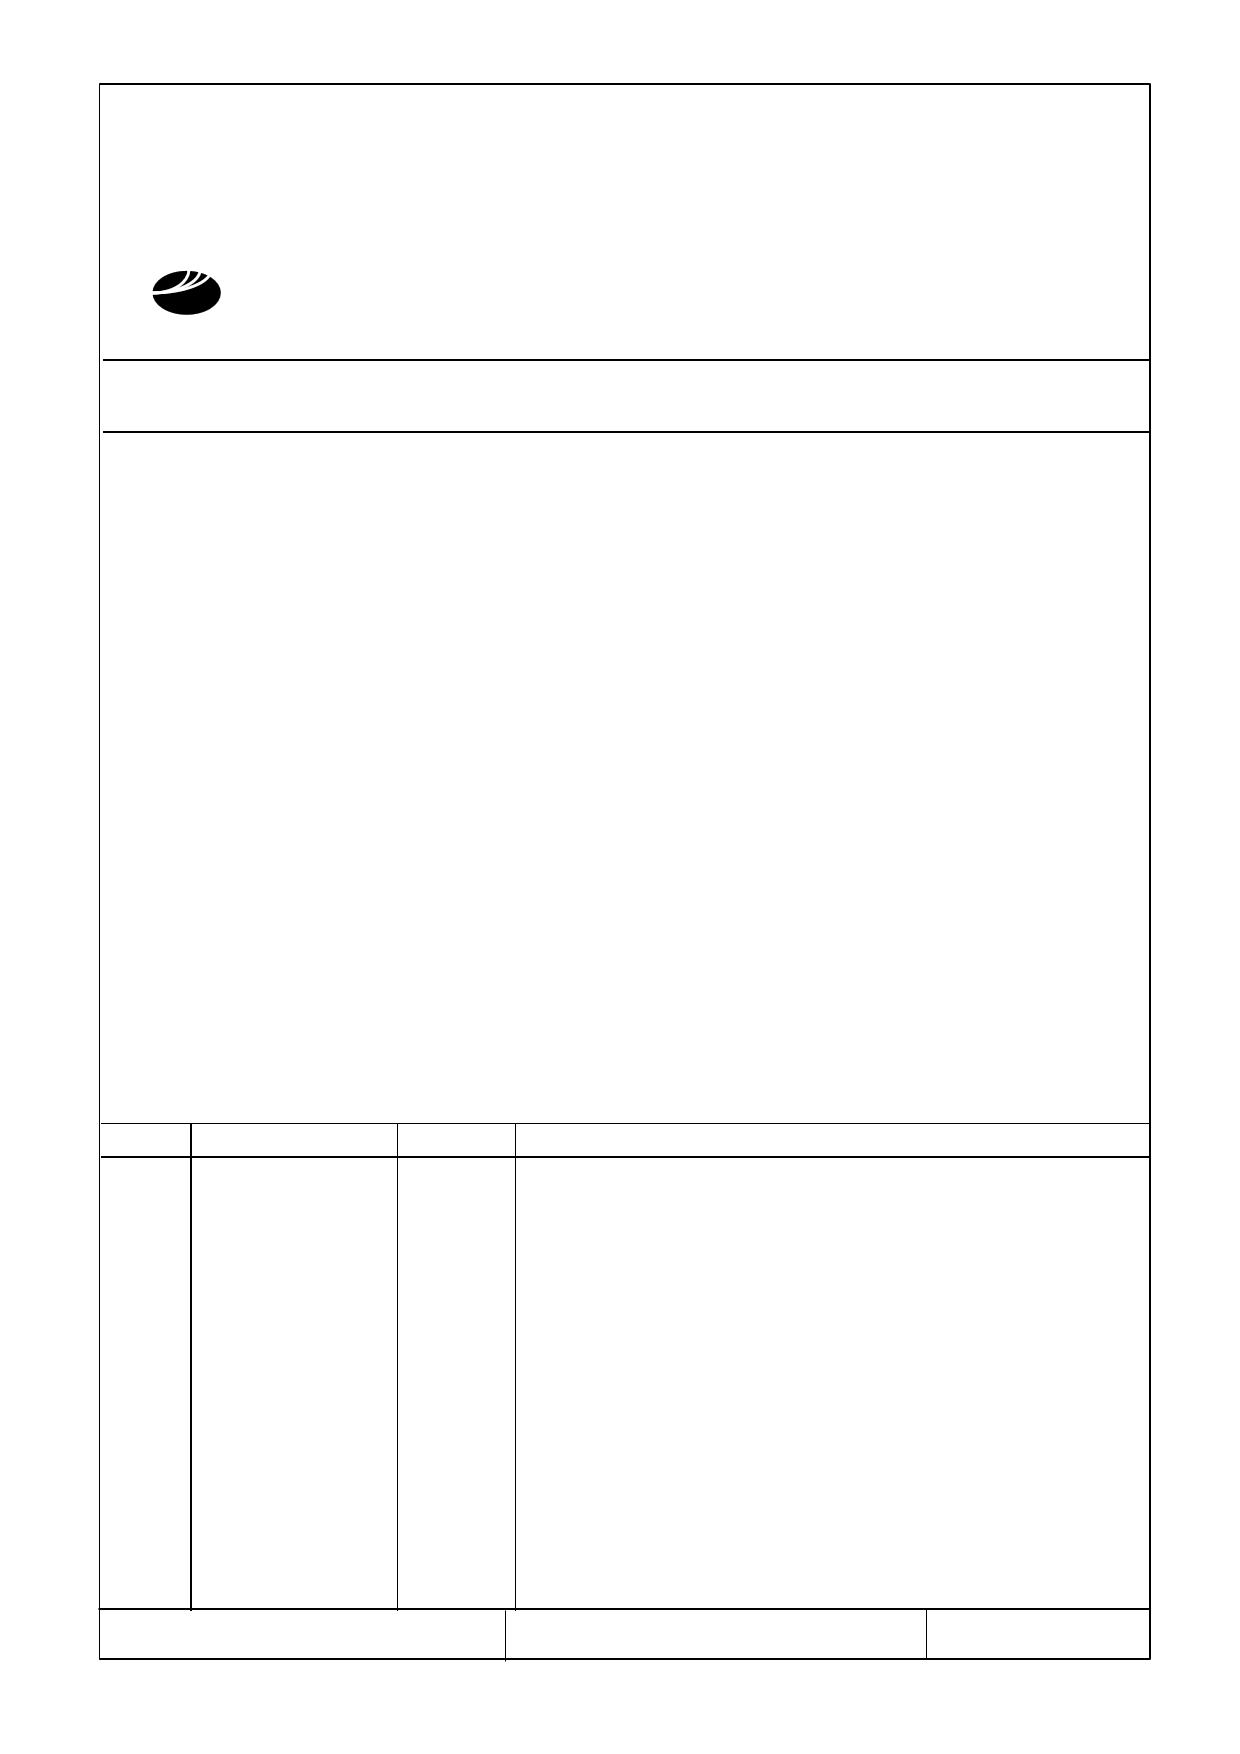 T-51638D084-FW-A-AA datasheet